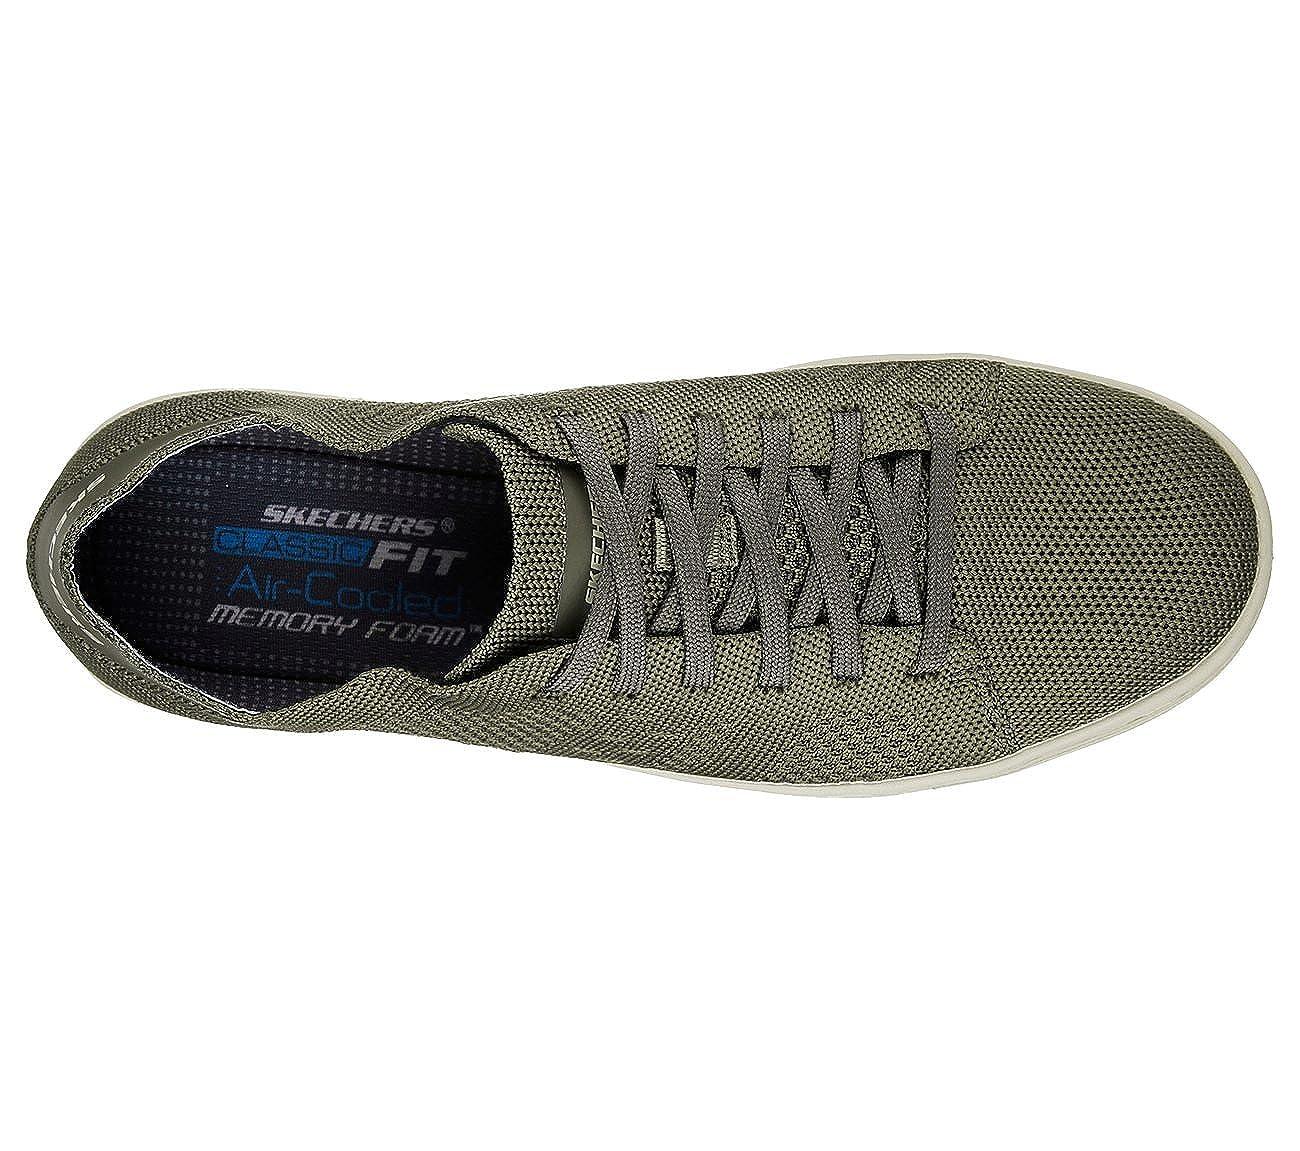 Donna   Uomo Skechers Alven-Moneco, scarpe da ginnastica Uomo Uomo Uomo Molte varietà delicato Gamma completa di specifiche   Lavorazione perfetta    Scolaro/Ragazze Scarpa  231f45